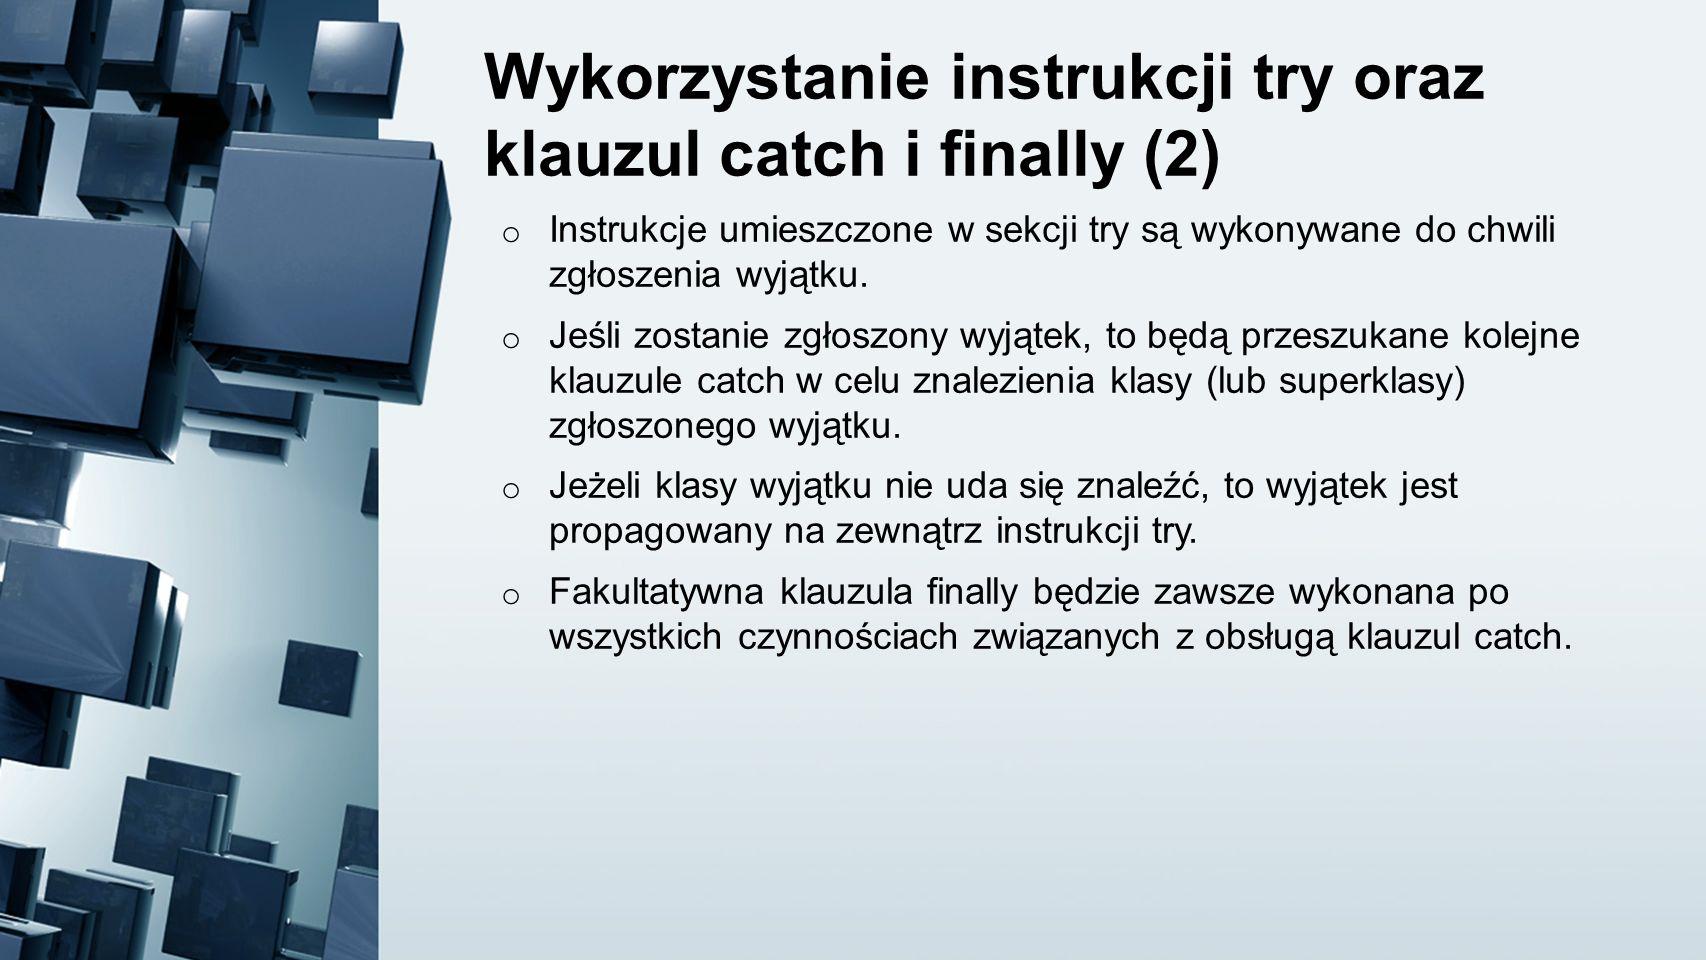 Wykorzystanie instrukcji try oraz klauzul catch i finally (2)